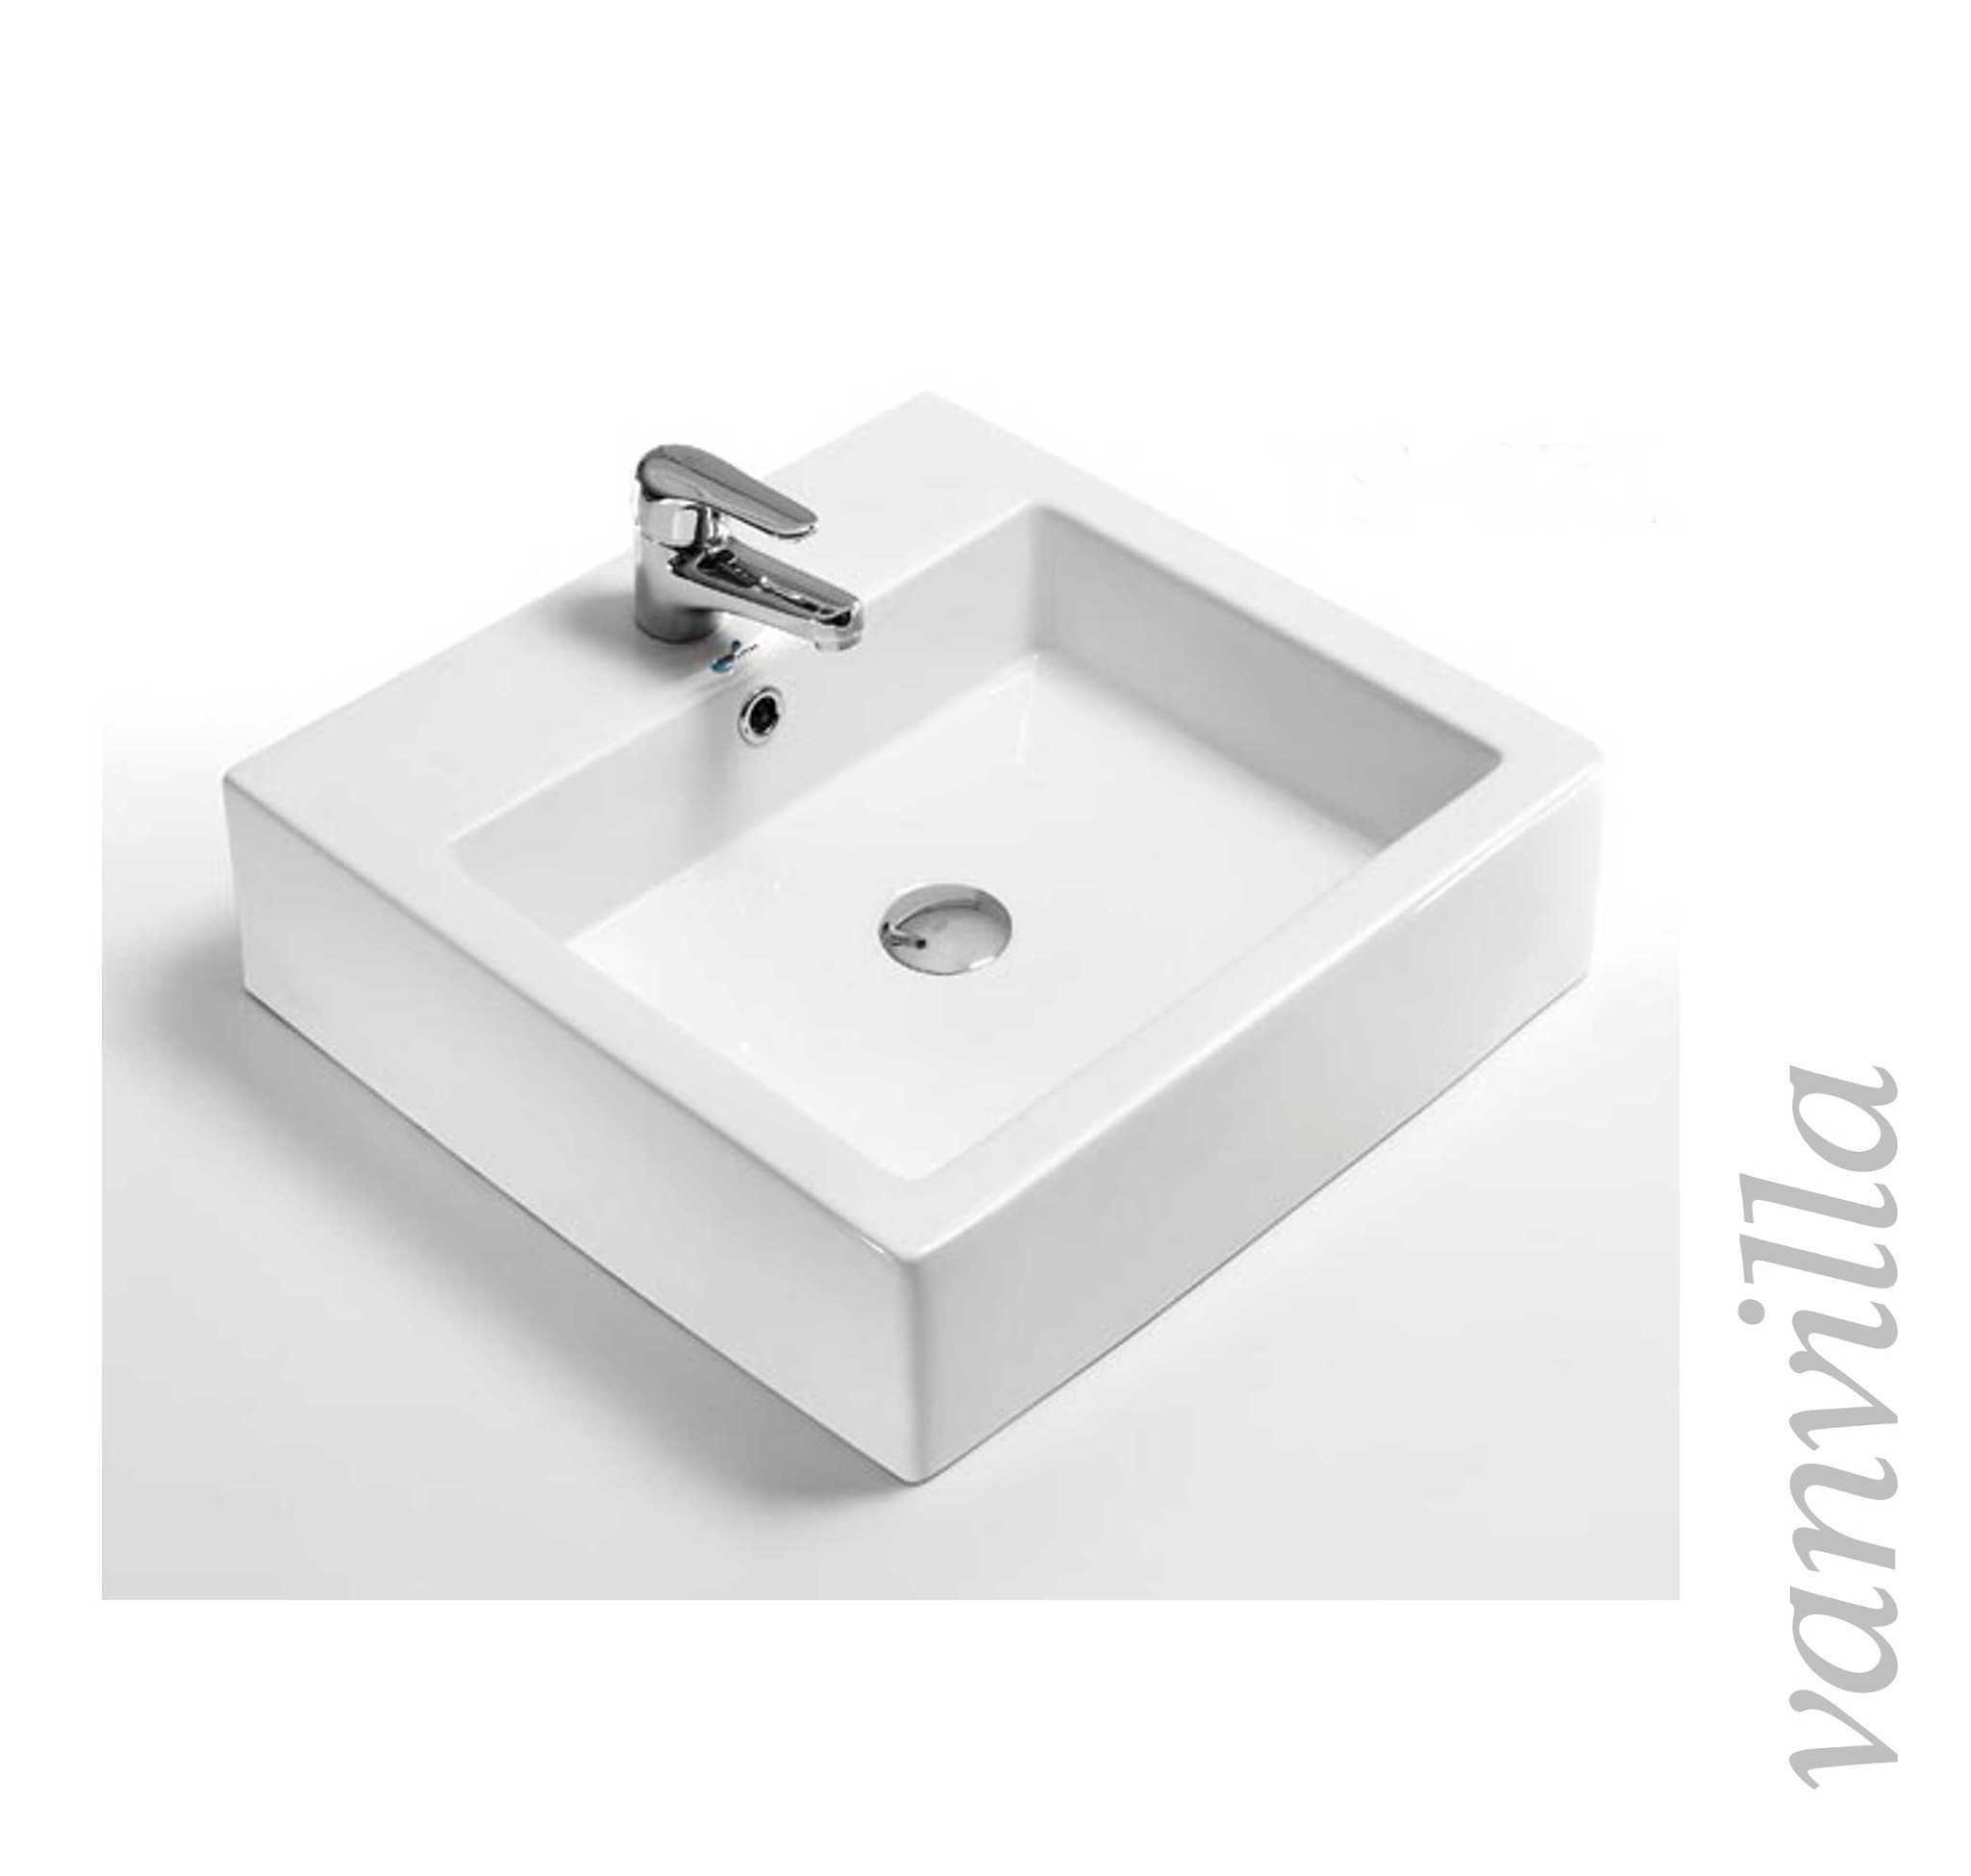 design keramik waschbecken aufsatzbecken eckig. Black Bedroom Furniture Sets. Home Design Ideas